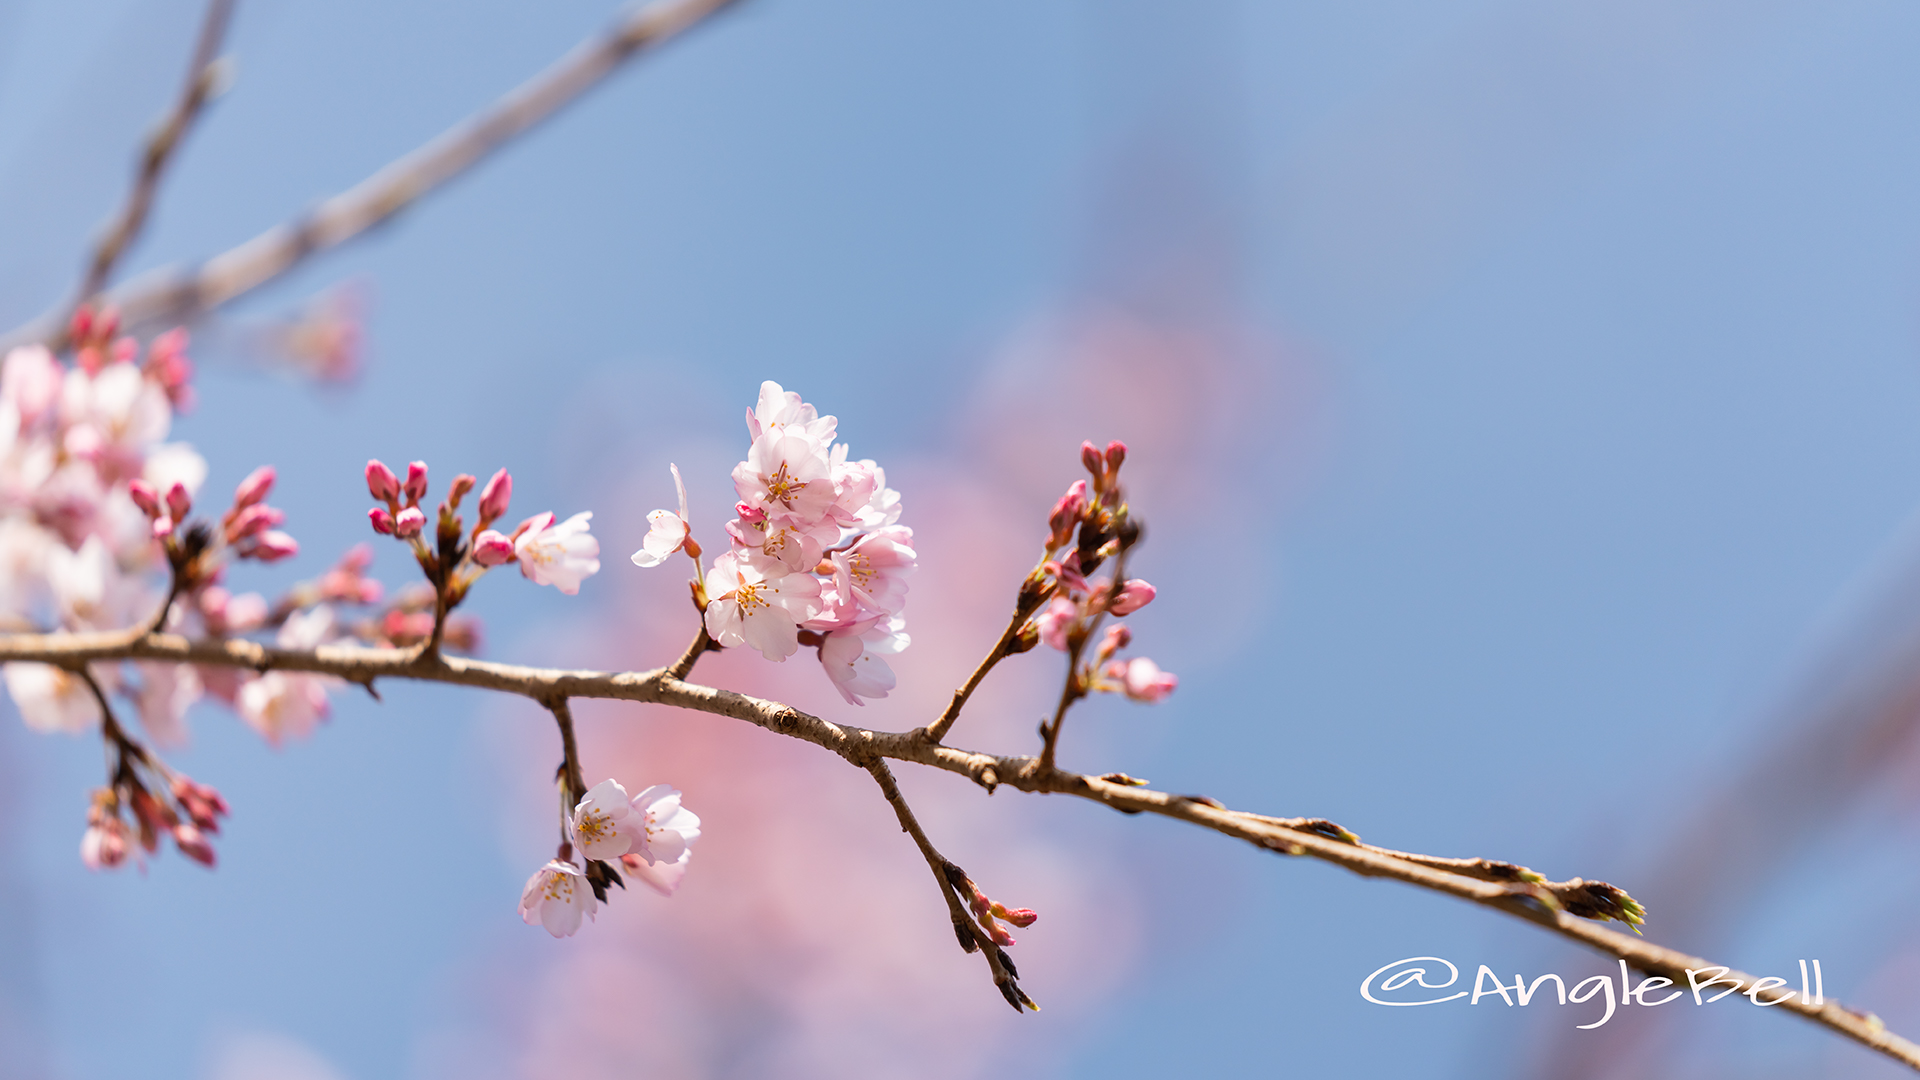 イトサクラ 糸桜 Flower Photo2019_01